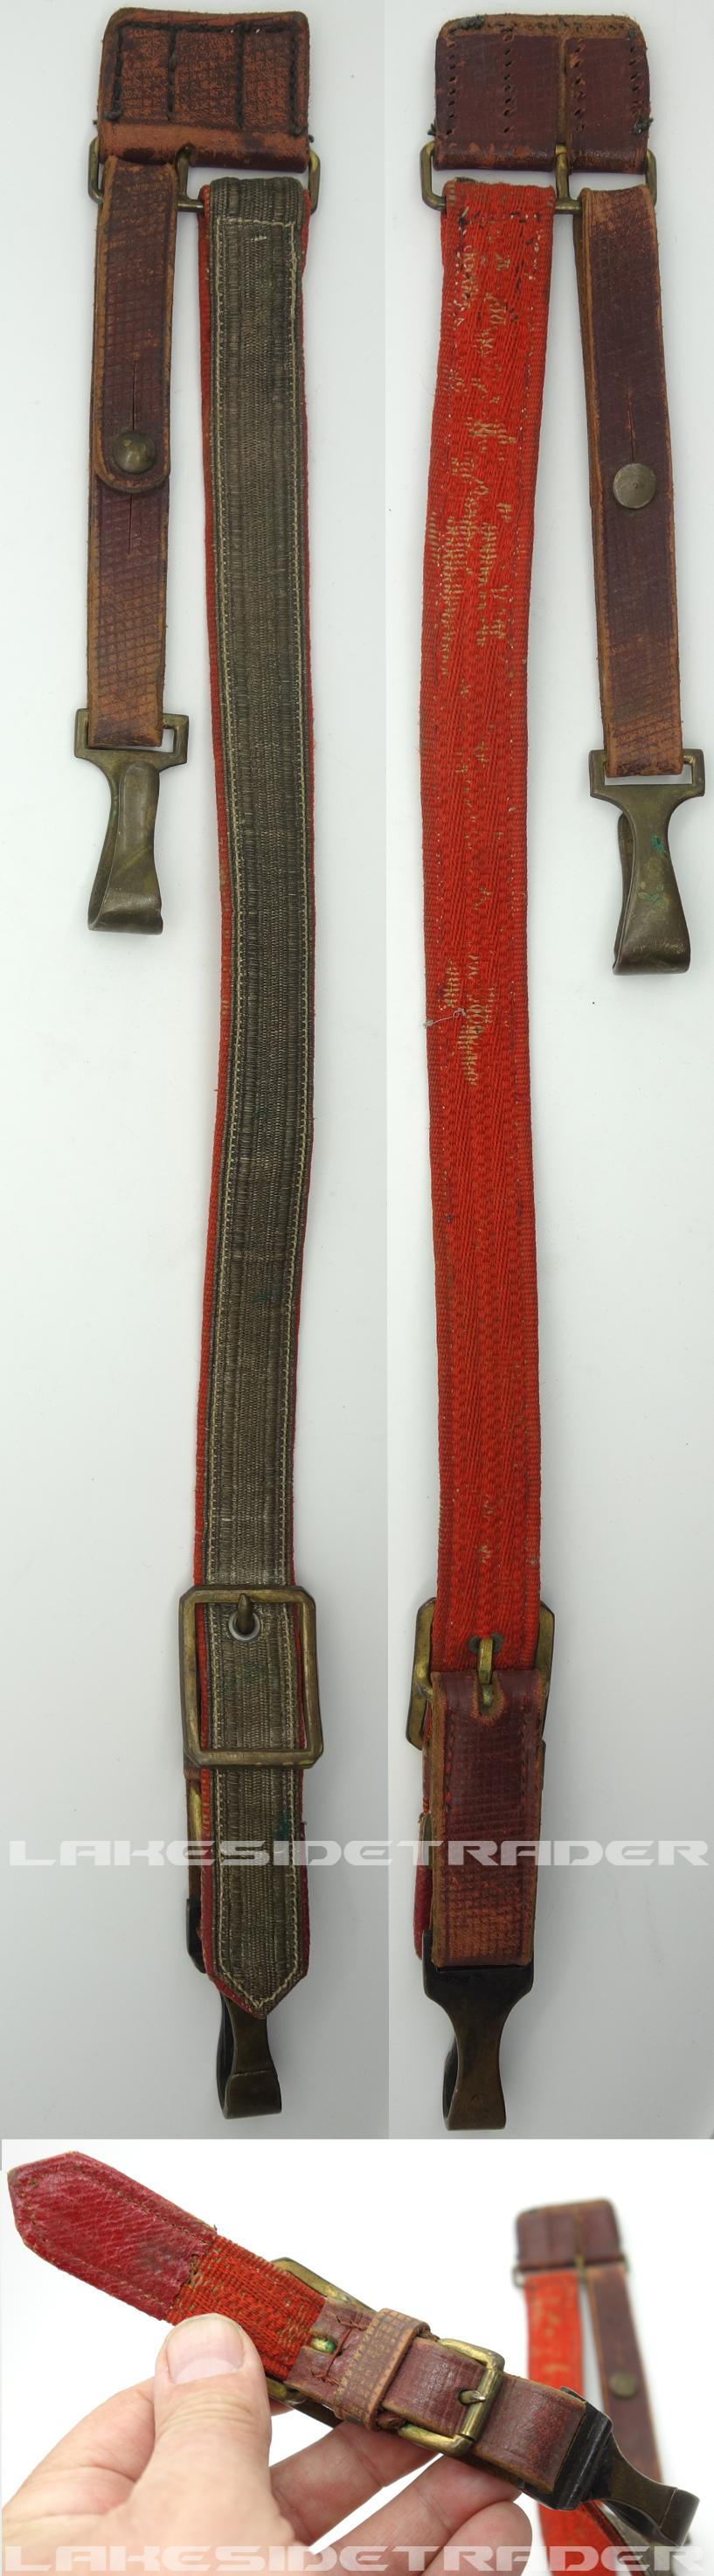 Fire sword Hanger